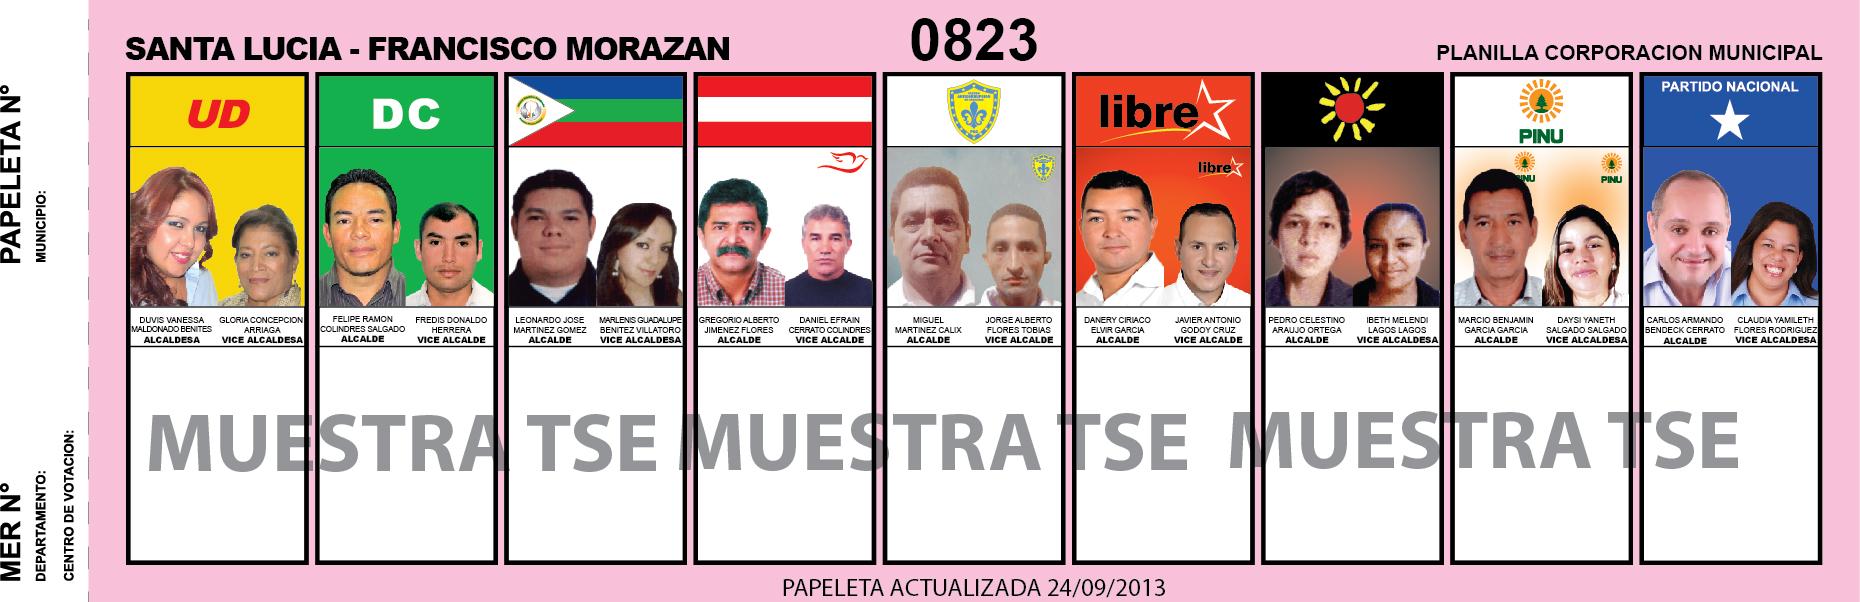 CANDIDATOS 2013 MUNICIPIO SANTA LUCIA - FRANCISCO MORAZAN - HONDURAS